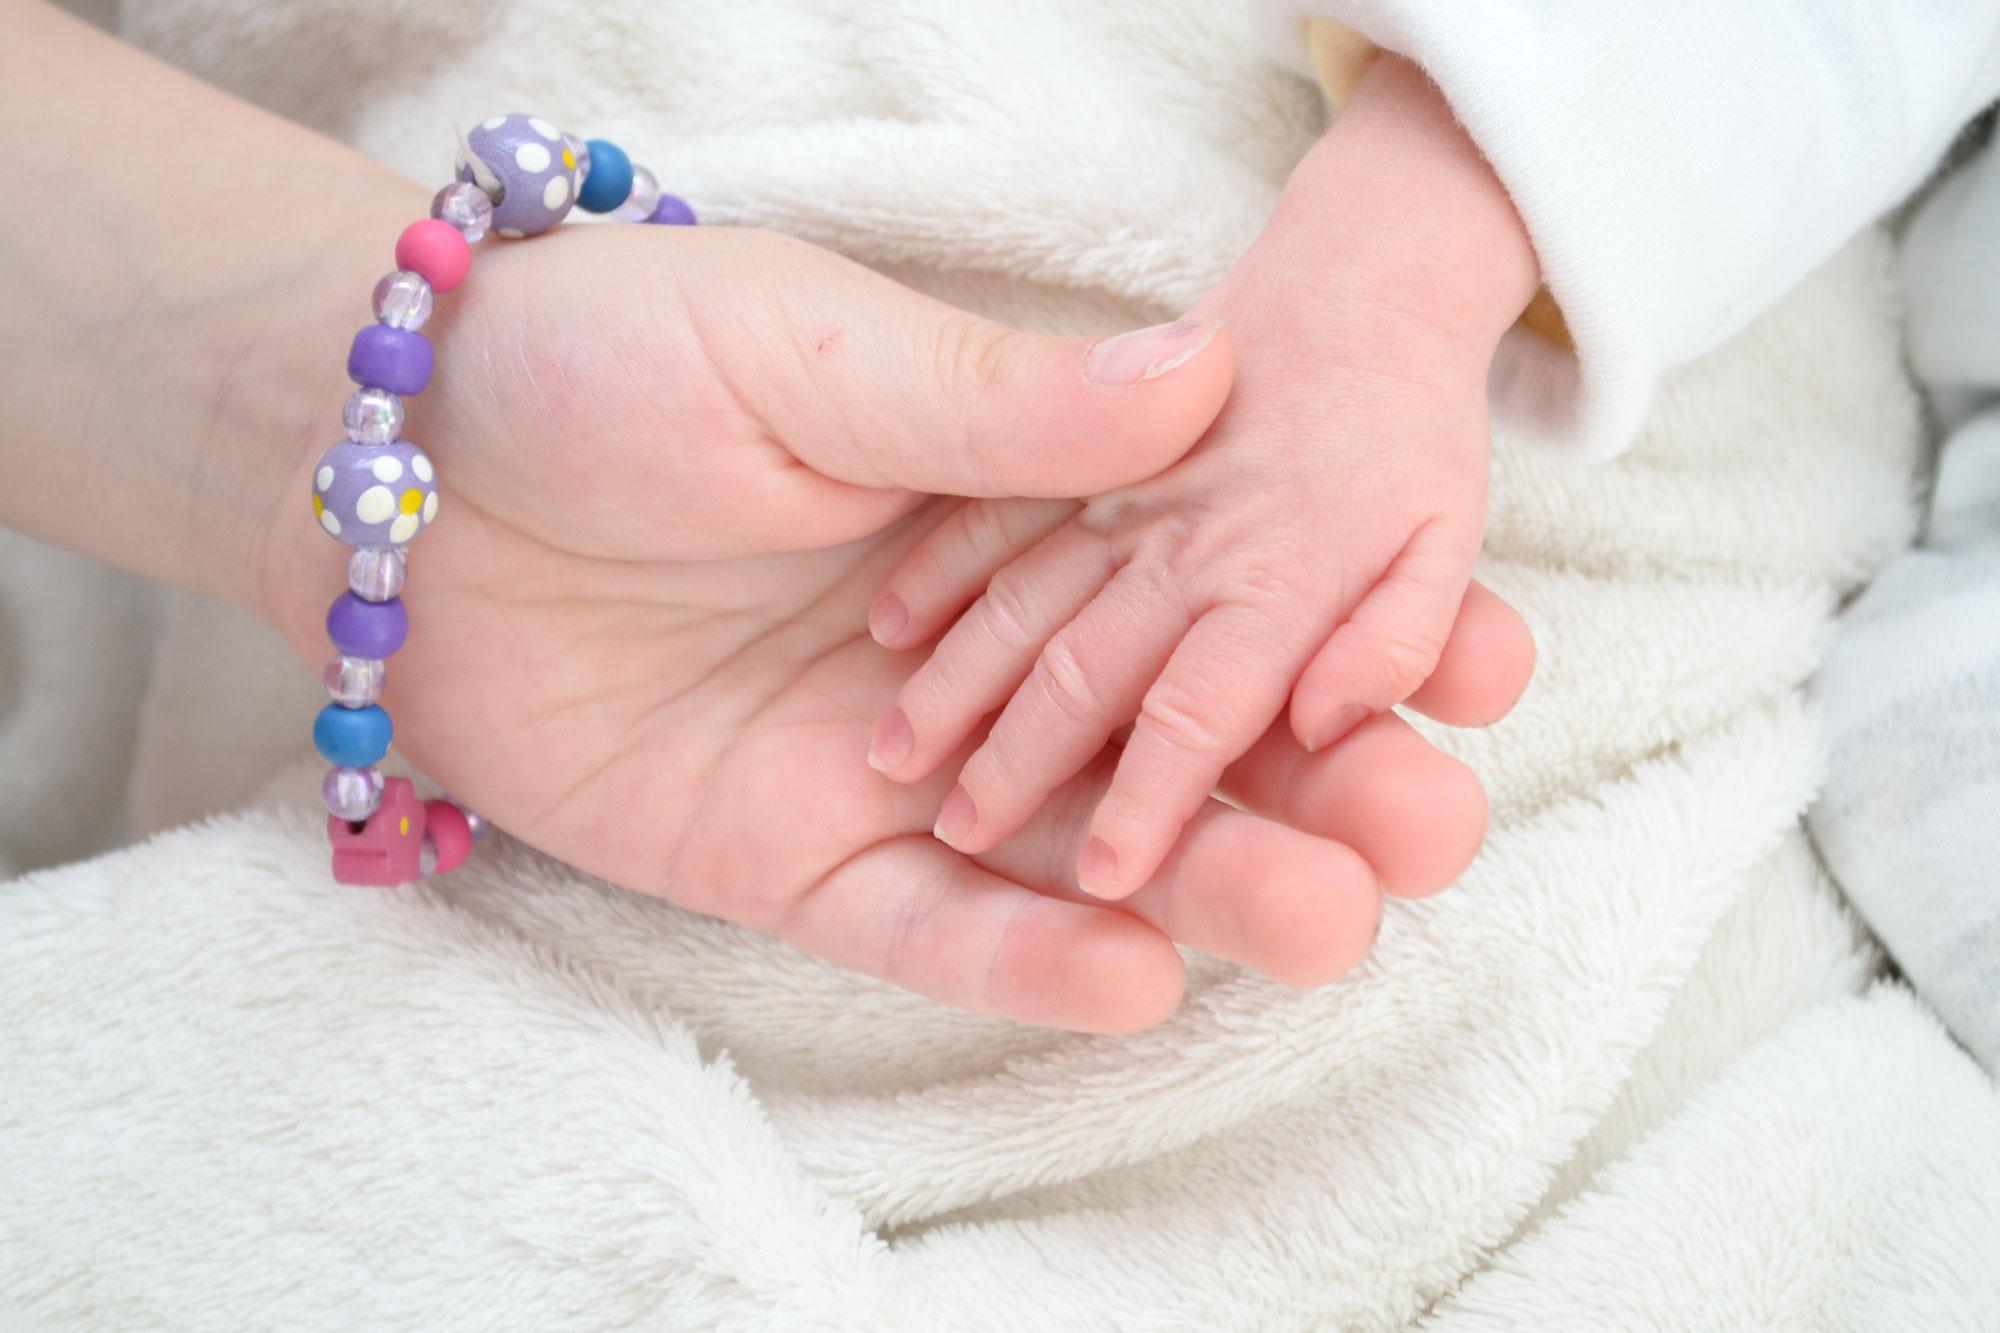 Vertrauen nach belastender Geburt